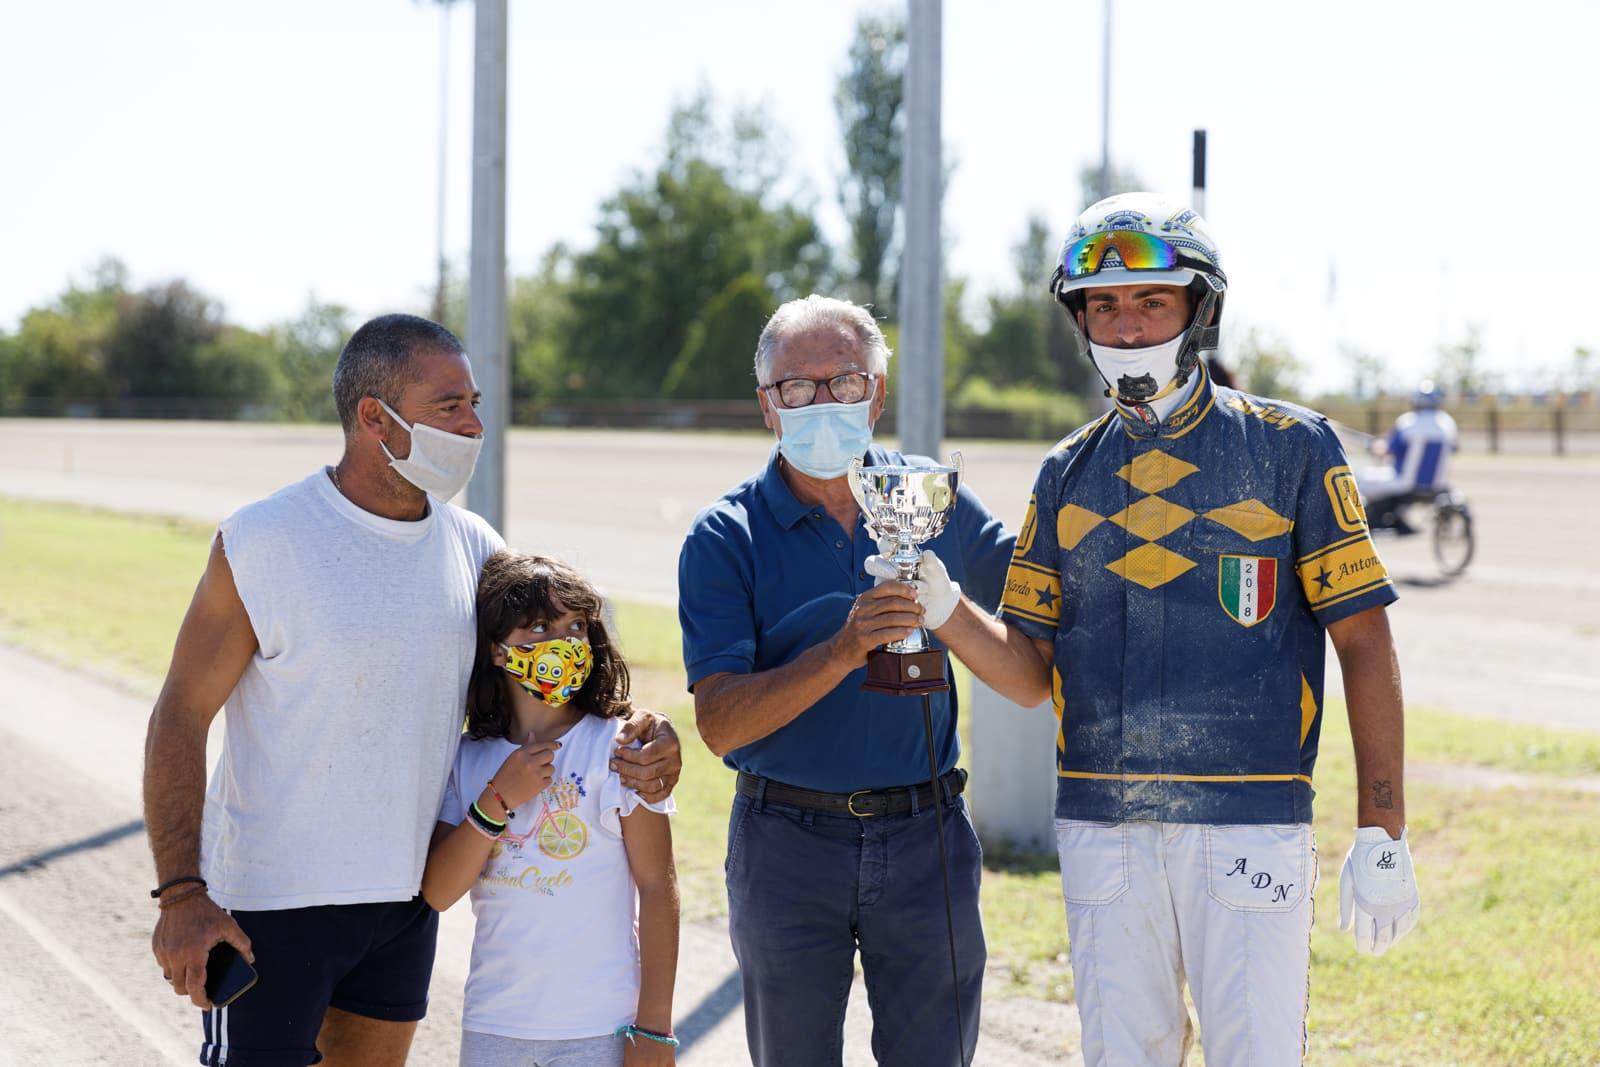 2020-08-25-corsa-1-02